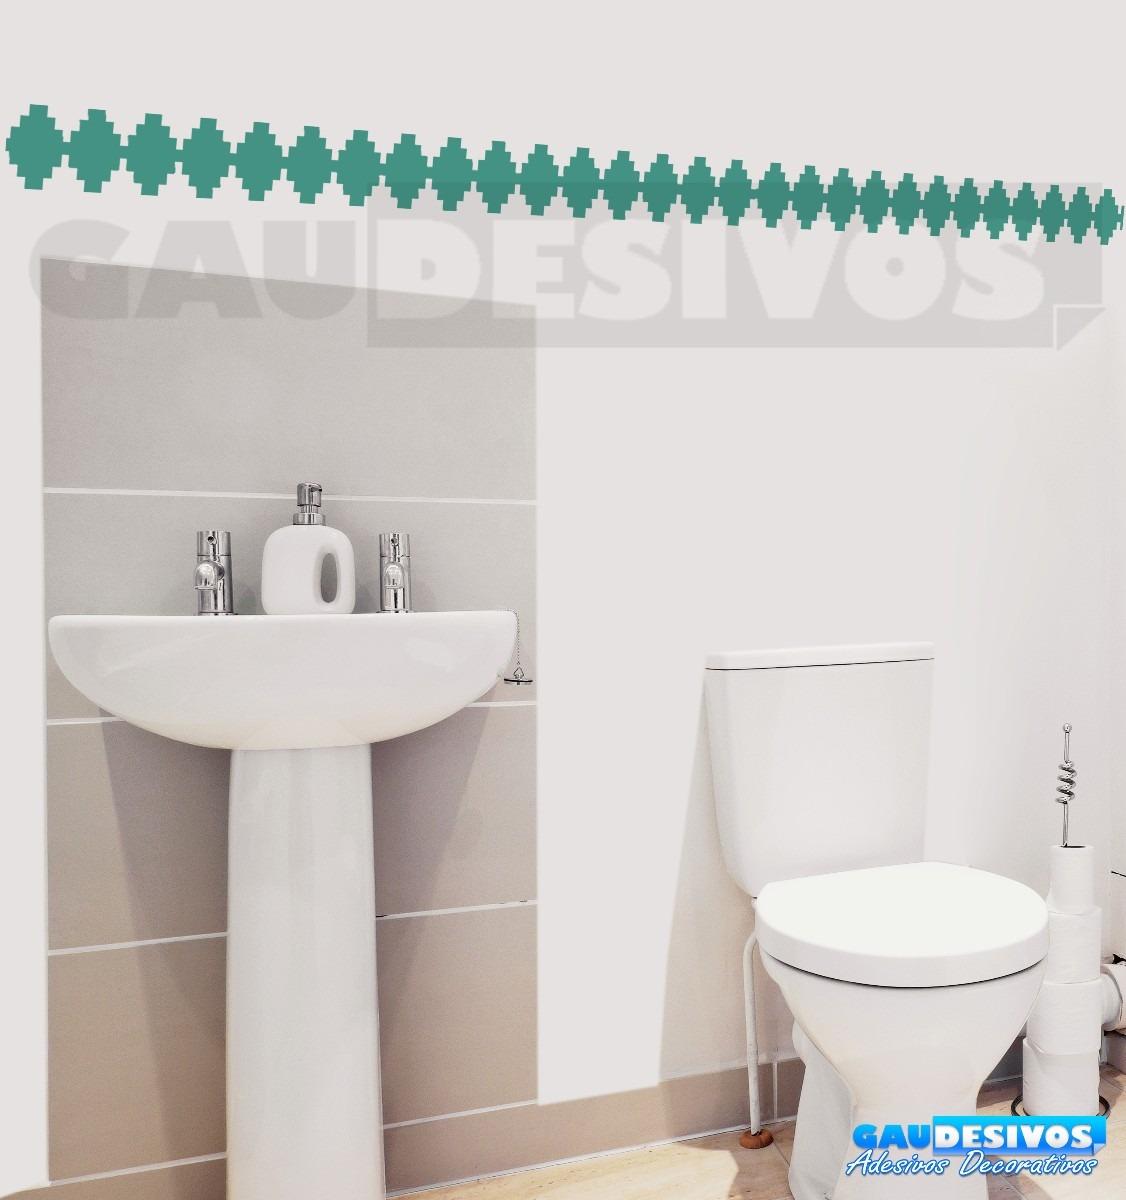 COMO COLOCAR REVESTIMENTO DE CERÂMICA EM UMA PAREDE   HD  #0D6DBE 1126x1200 Banheiro Azulejo Ate O Teto